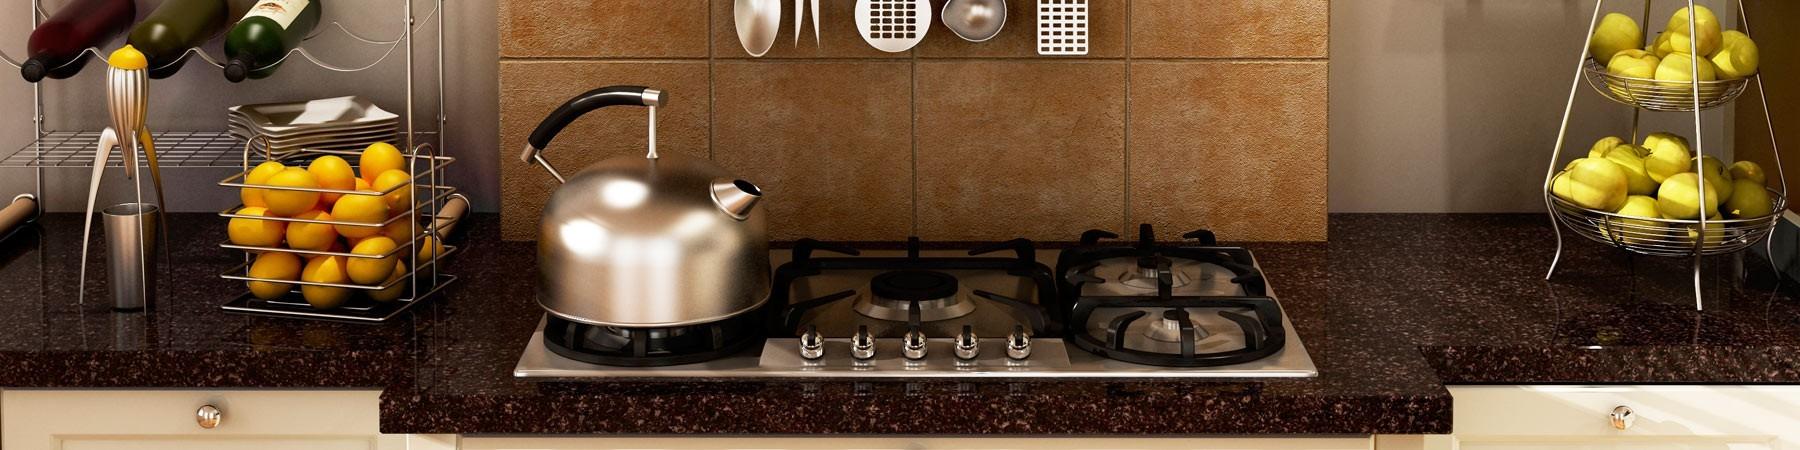 Khay, giá, kệ dùng cho phòng bếp gia đình. Thông minh, tiện ích